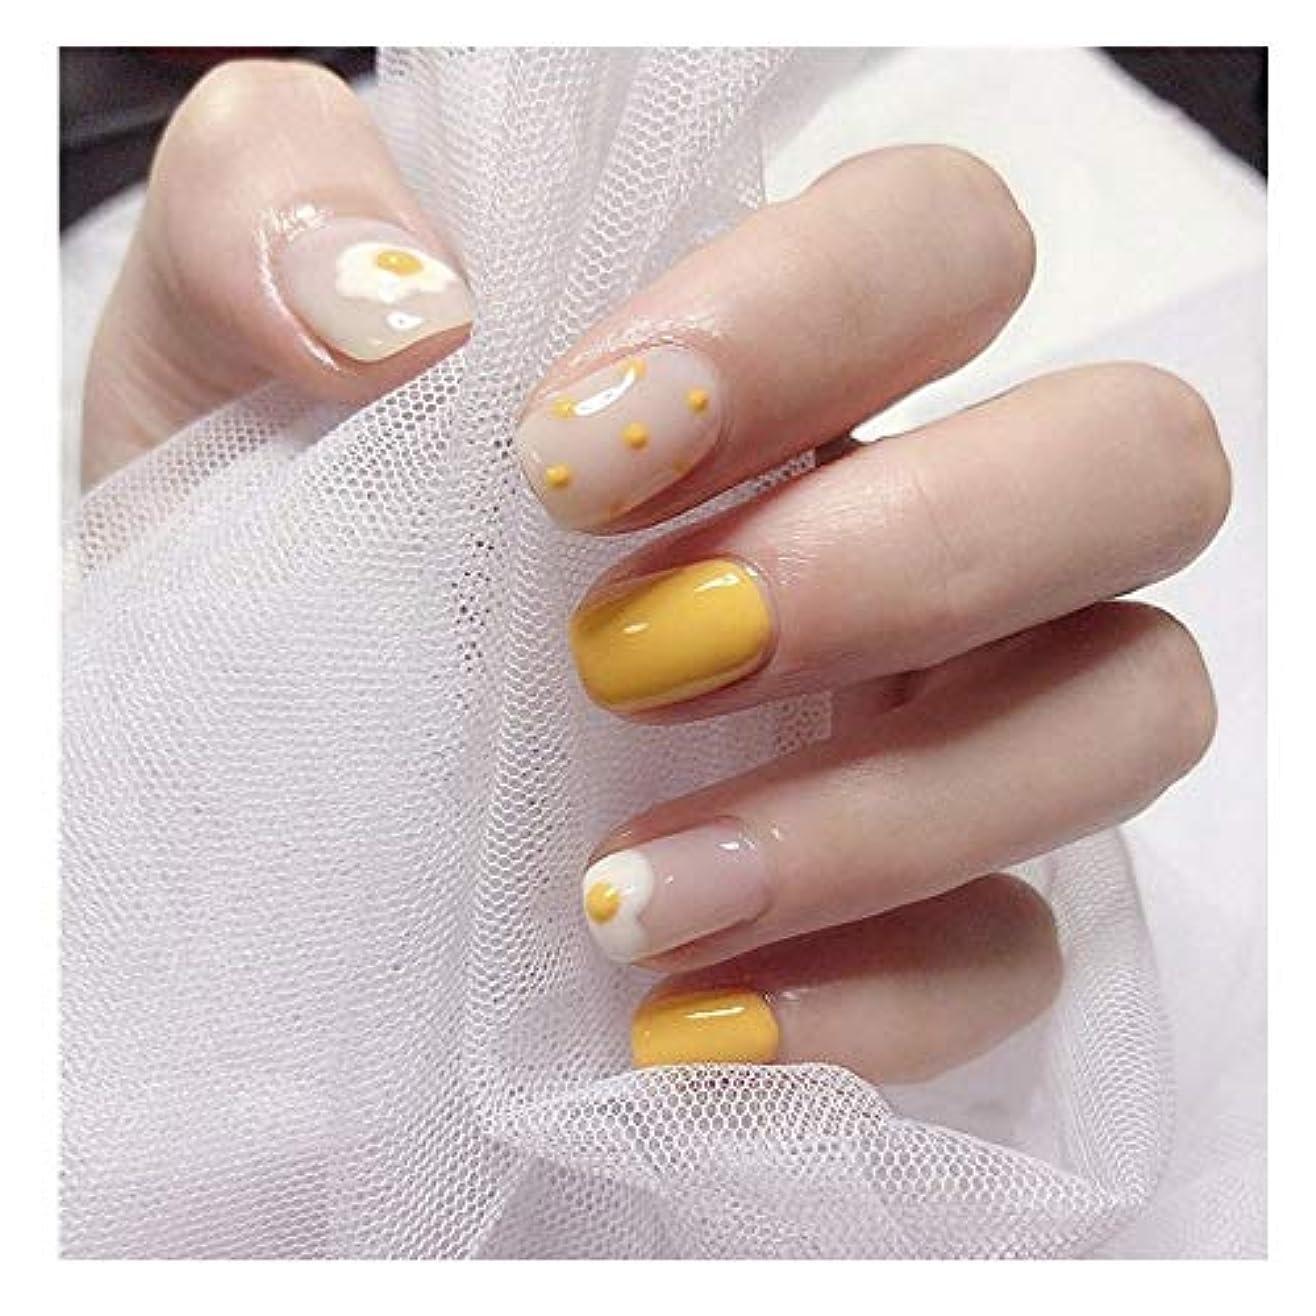 どこかオンス病的TAALESET 黄色の卵偽の釘のショートスクエアネイルグルー完成ネイルアートフェイクネイルズ (色 : 24 pieces)